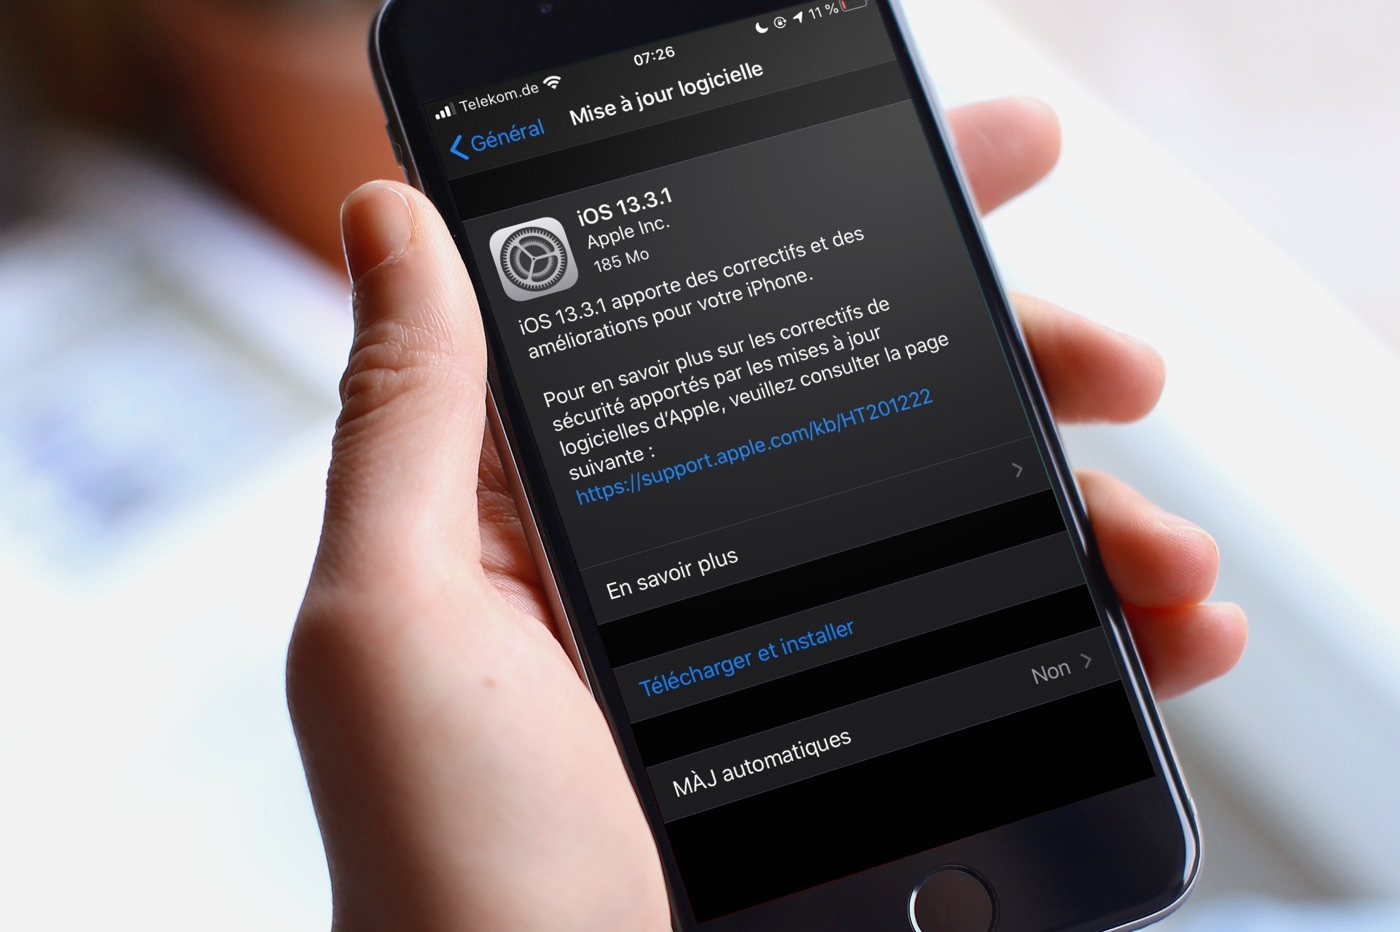 Mise à jour iOS 13.3.1